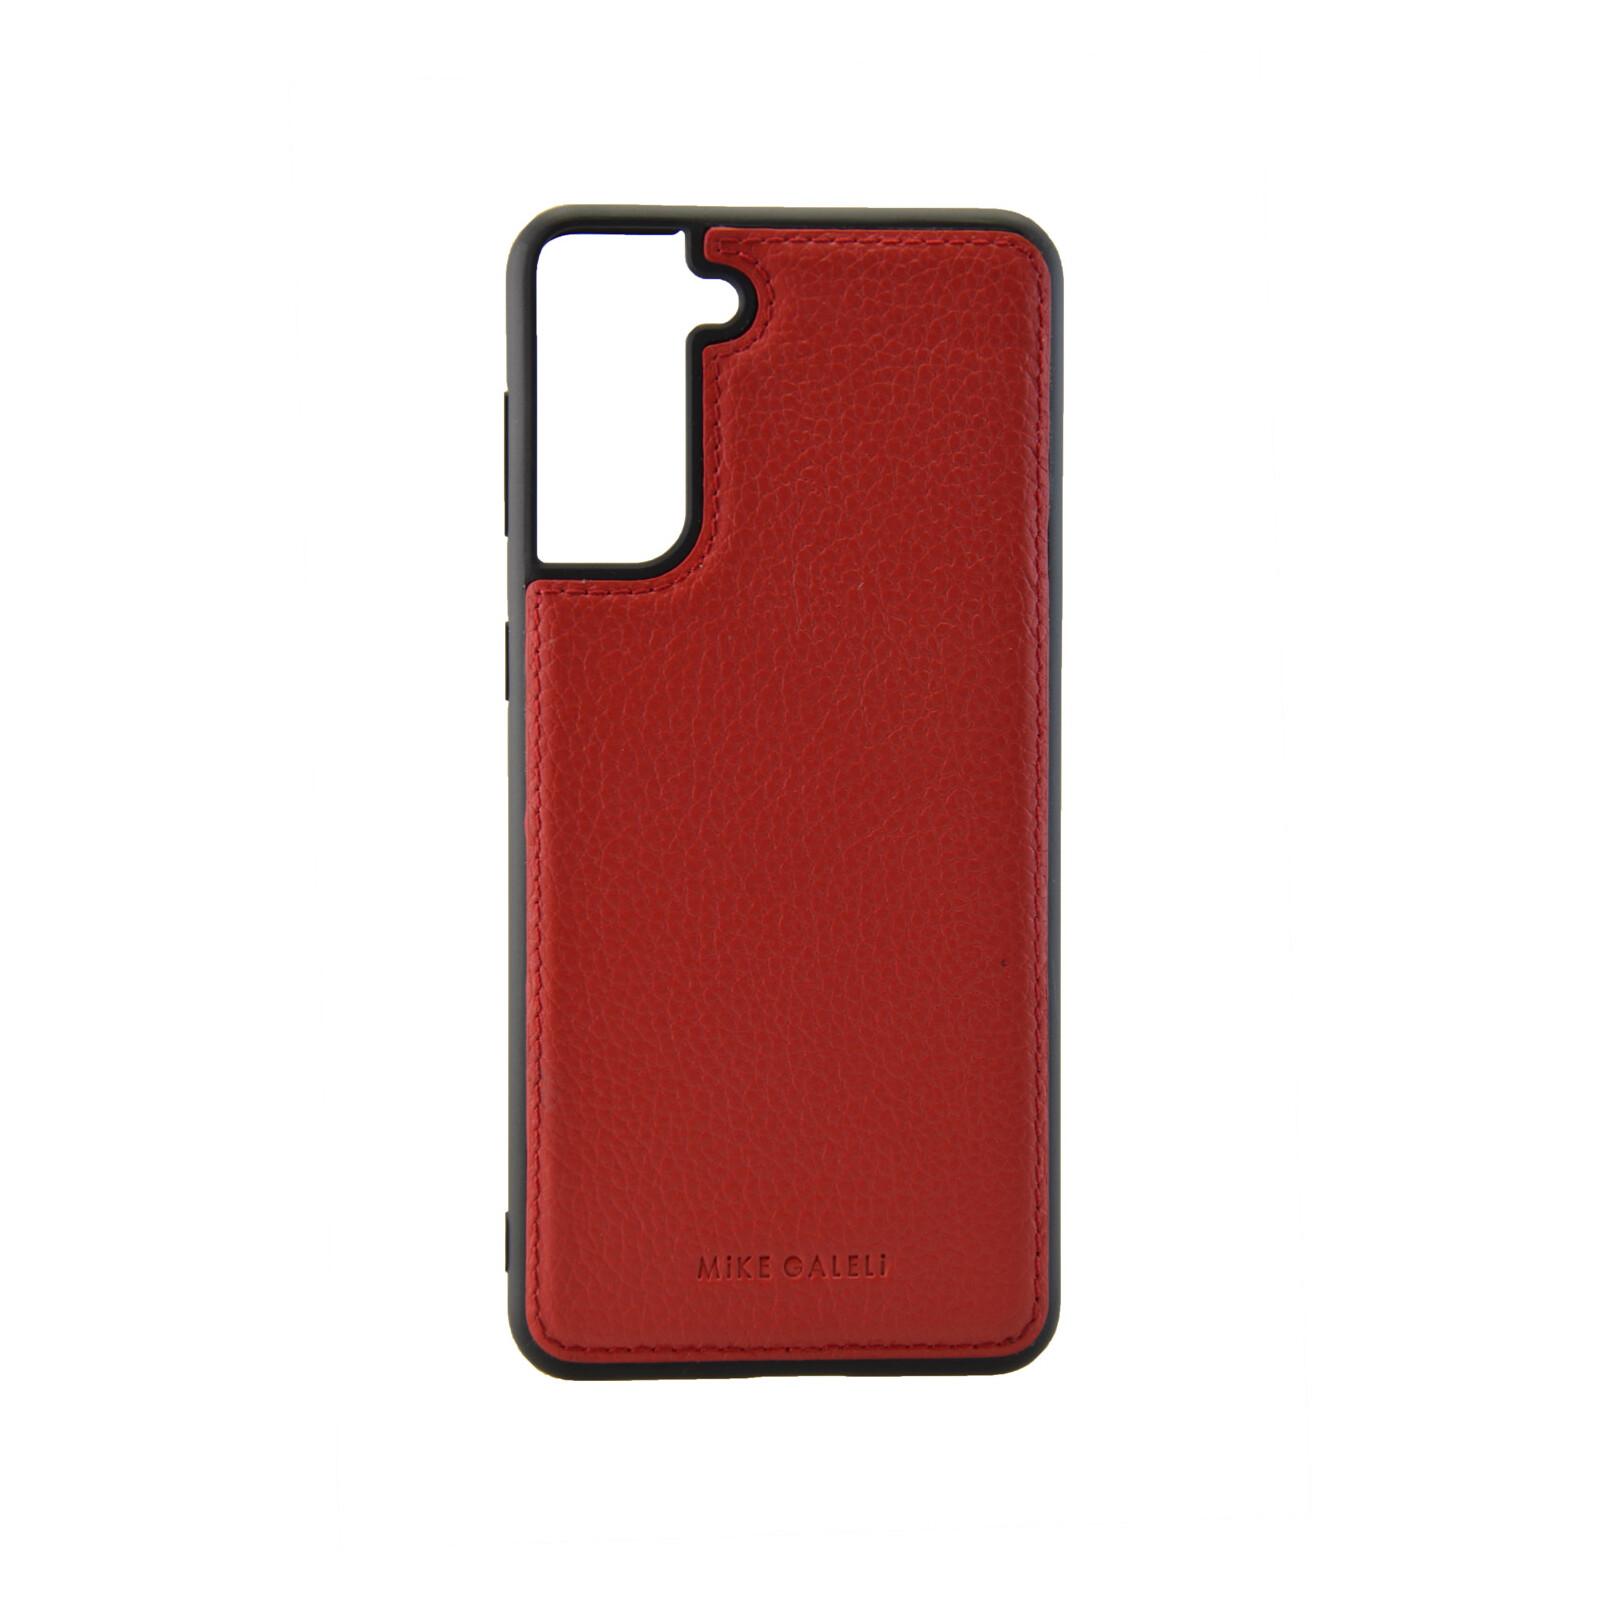 Galeli Back FINN Samsung Galaxy S21 swiss red